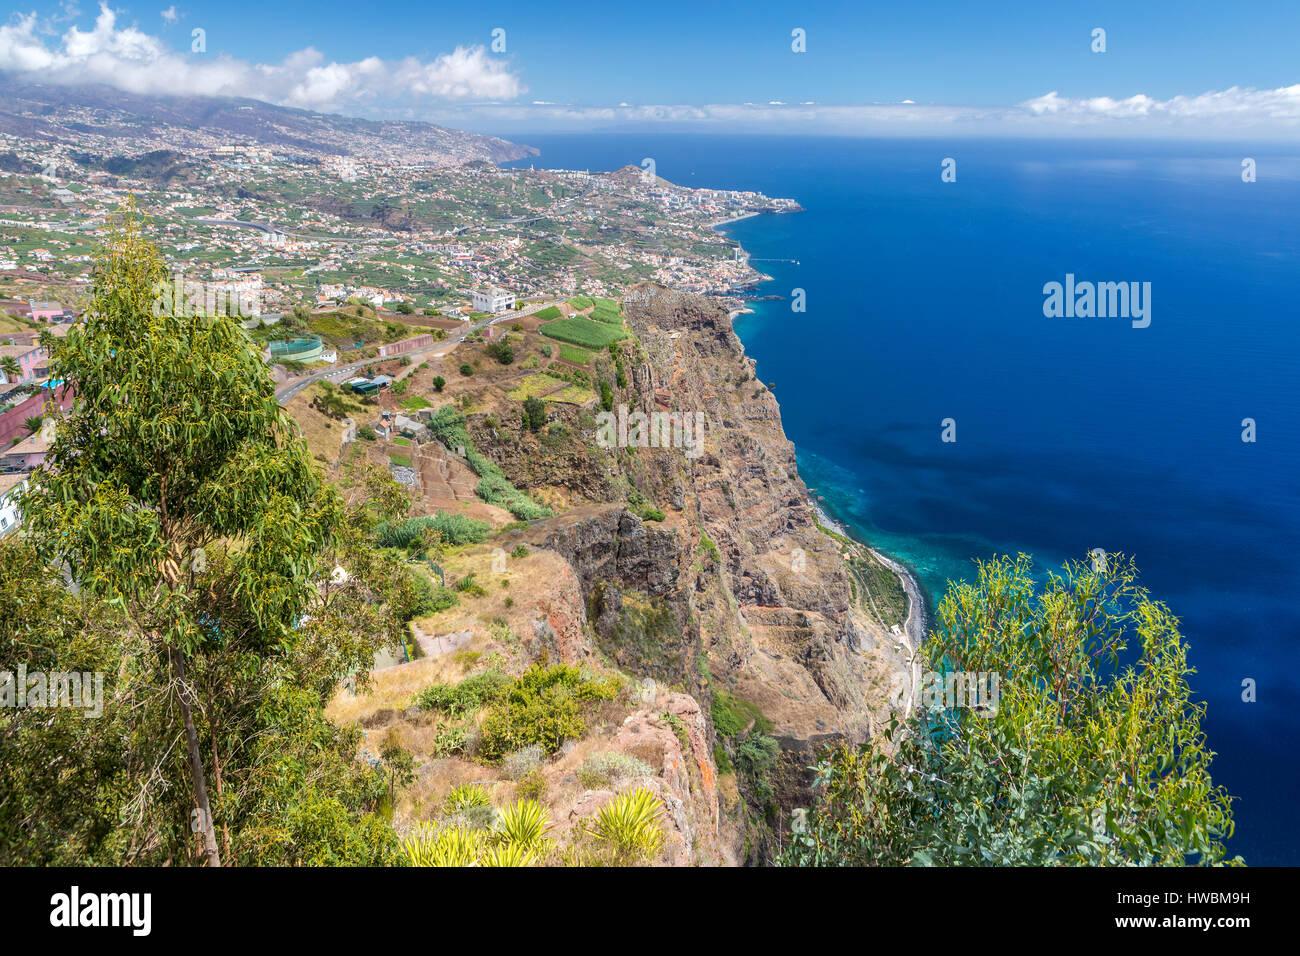 La terrazza panoramica (con pavimento in vetro) nella parte superiore del Cabo Girao cliff, Câmara de Lobos, Madeira, Portogallo. Foto Stock